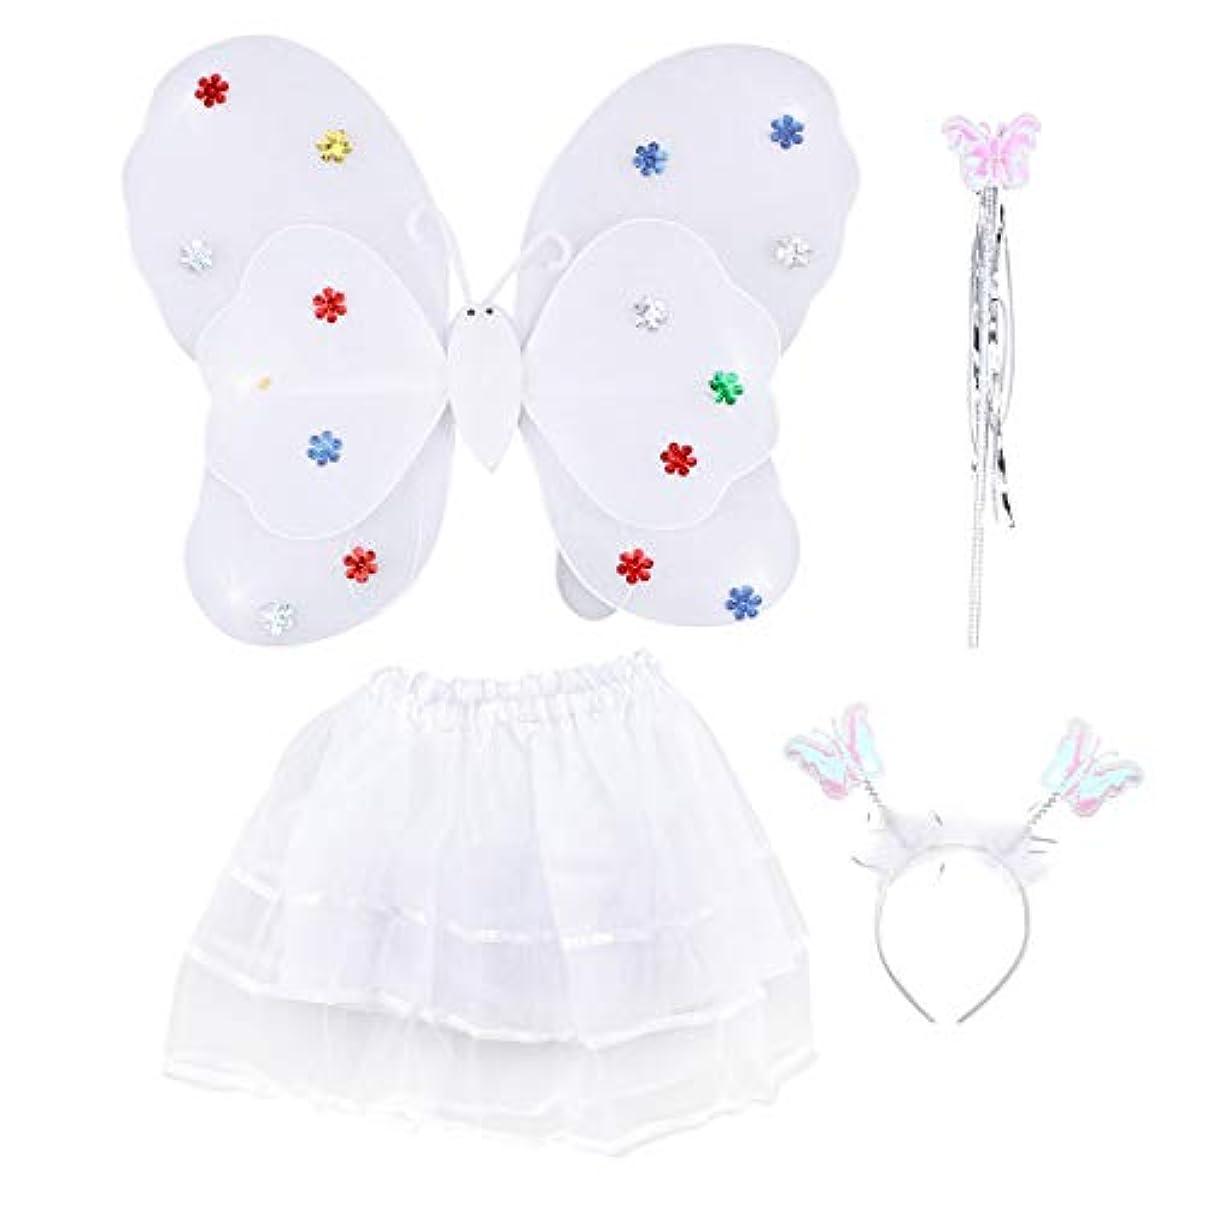 機構中止します量Amosfun 4ピース女の子の妖精の王女の衣装セットLEDライトアップバタフライウィングワンドヘッドバンドチュチュスカート女の子のための子供子供(白)